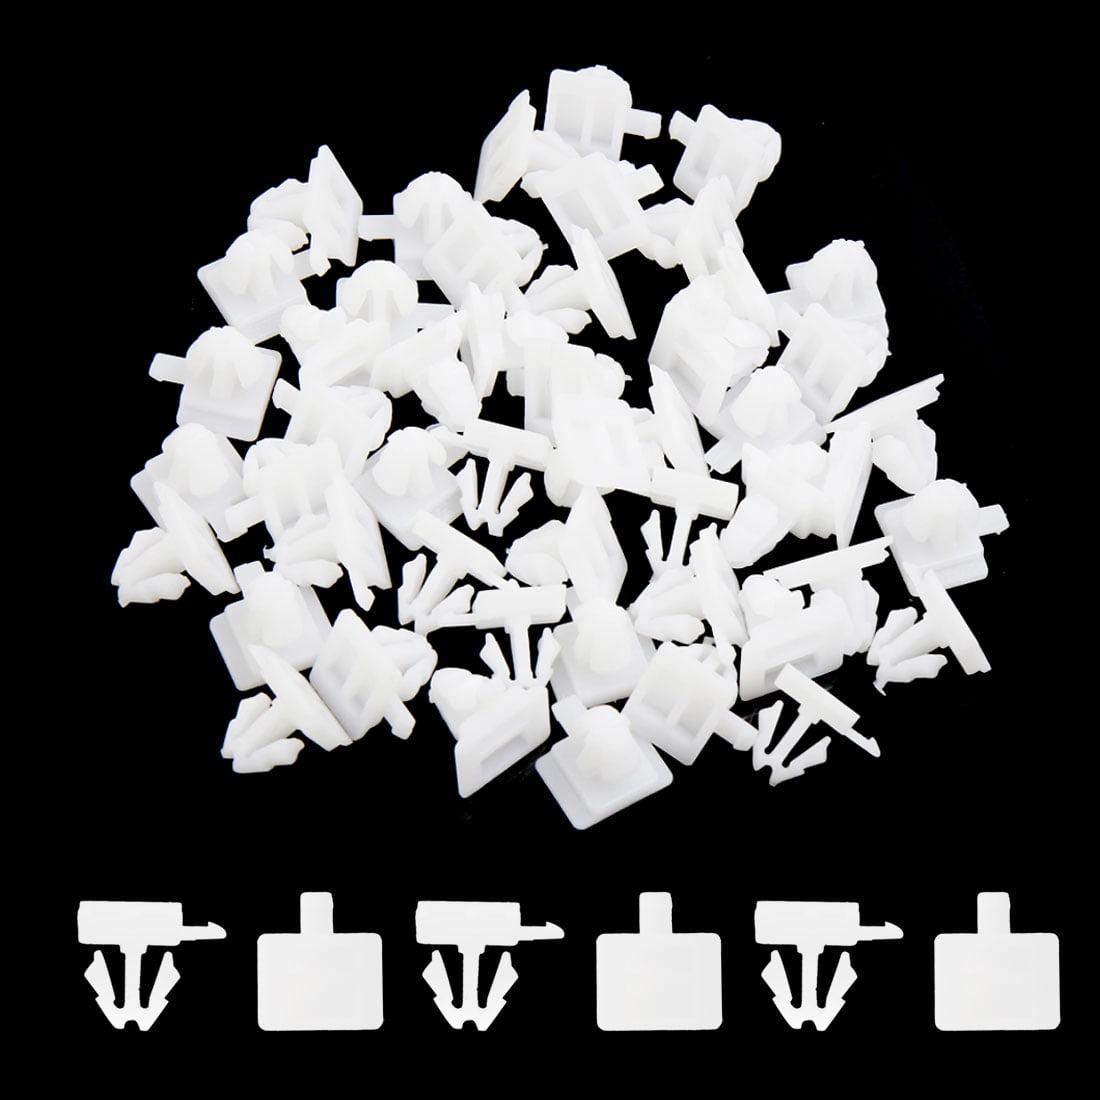 Rivet plastique Blanc Trou 11mm Clips retenue porte voiture 50 Pcs - image 1 de 2